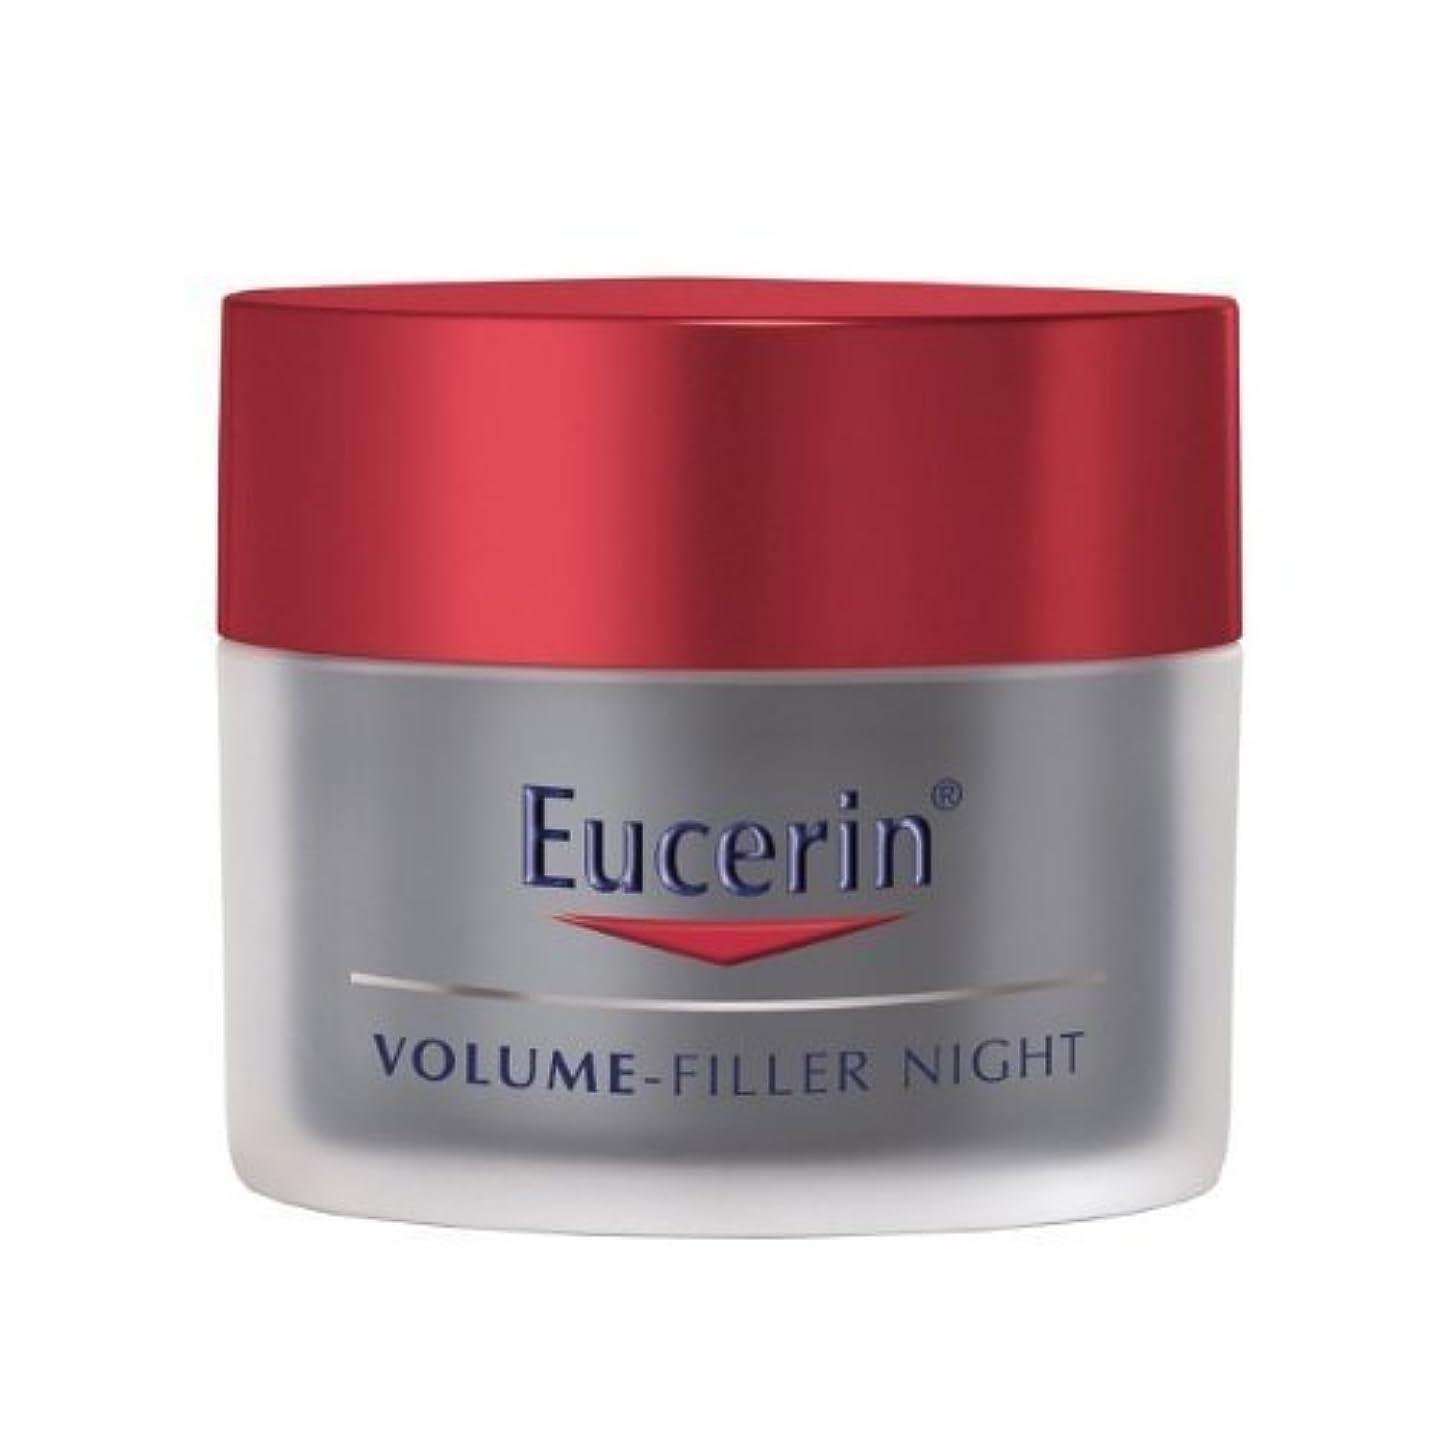 Eucerin Volume Filler Night Cream 50ml by Eucerin [並行輸入品]